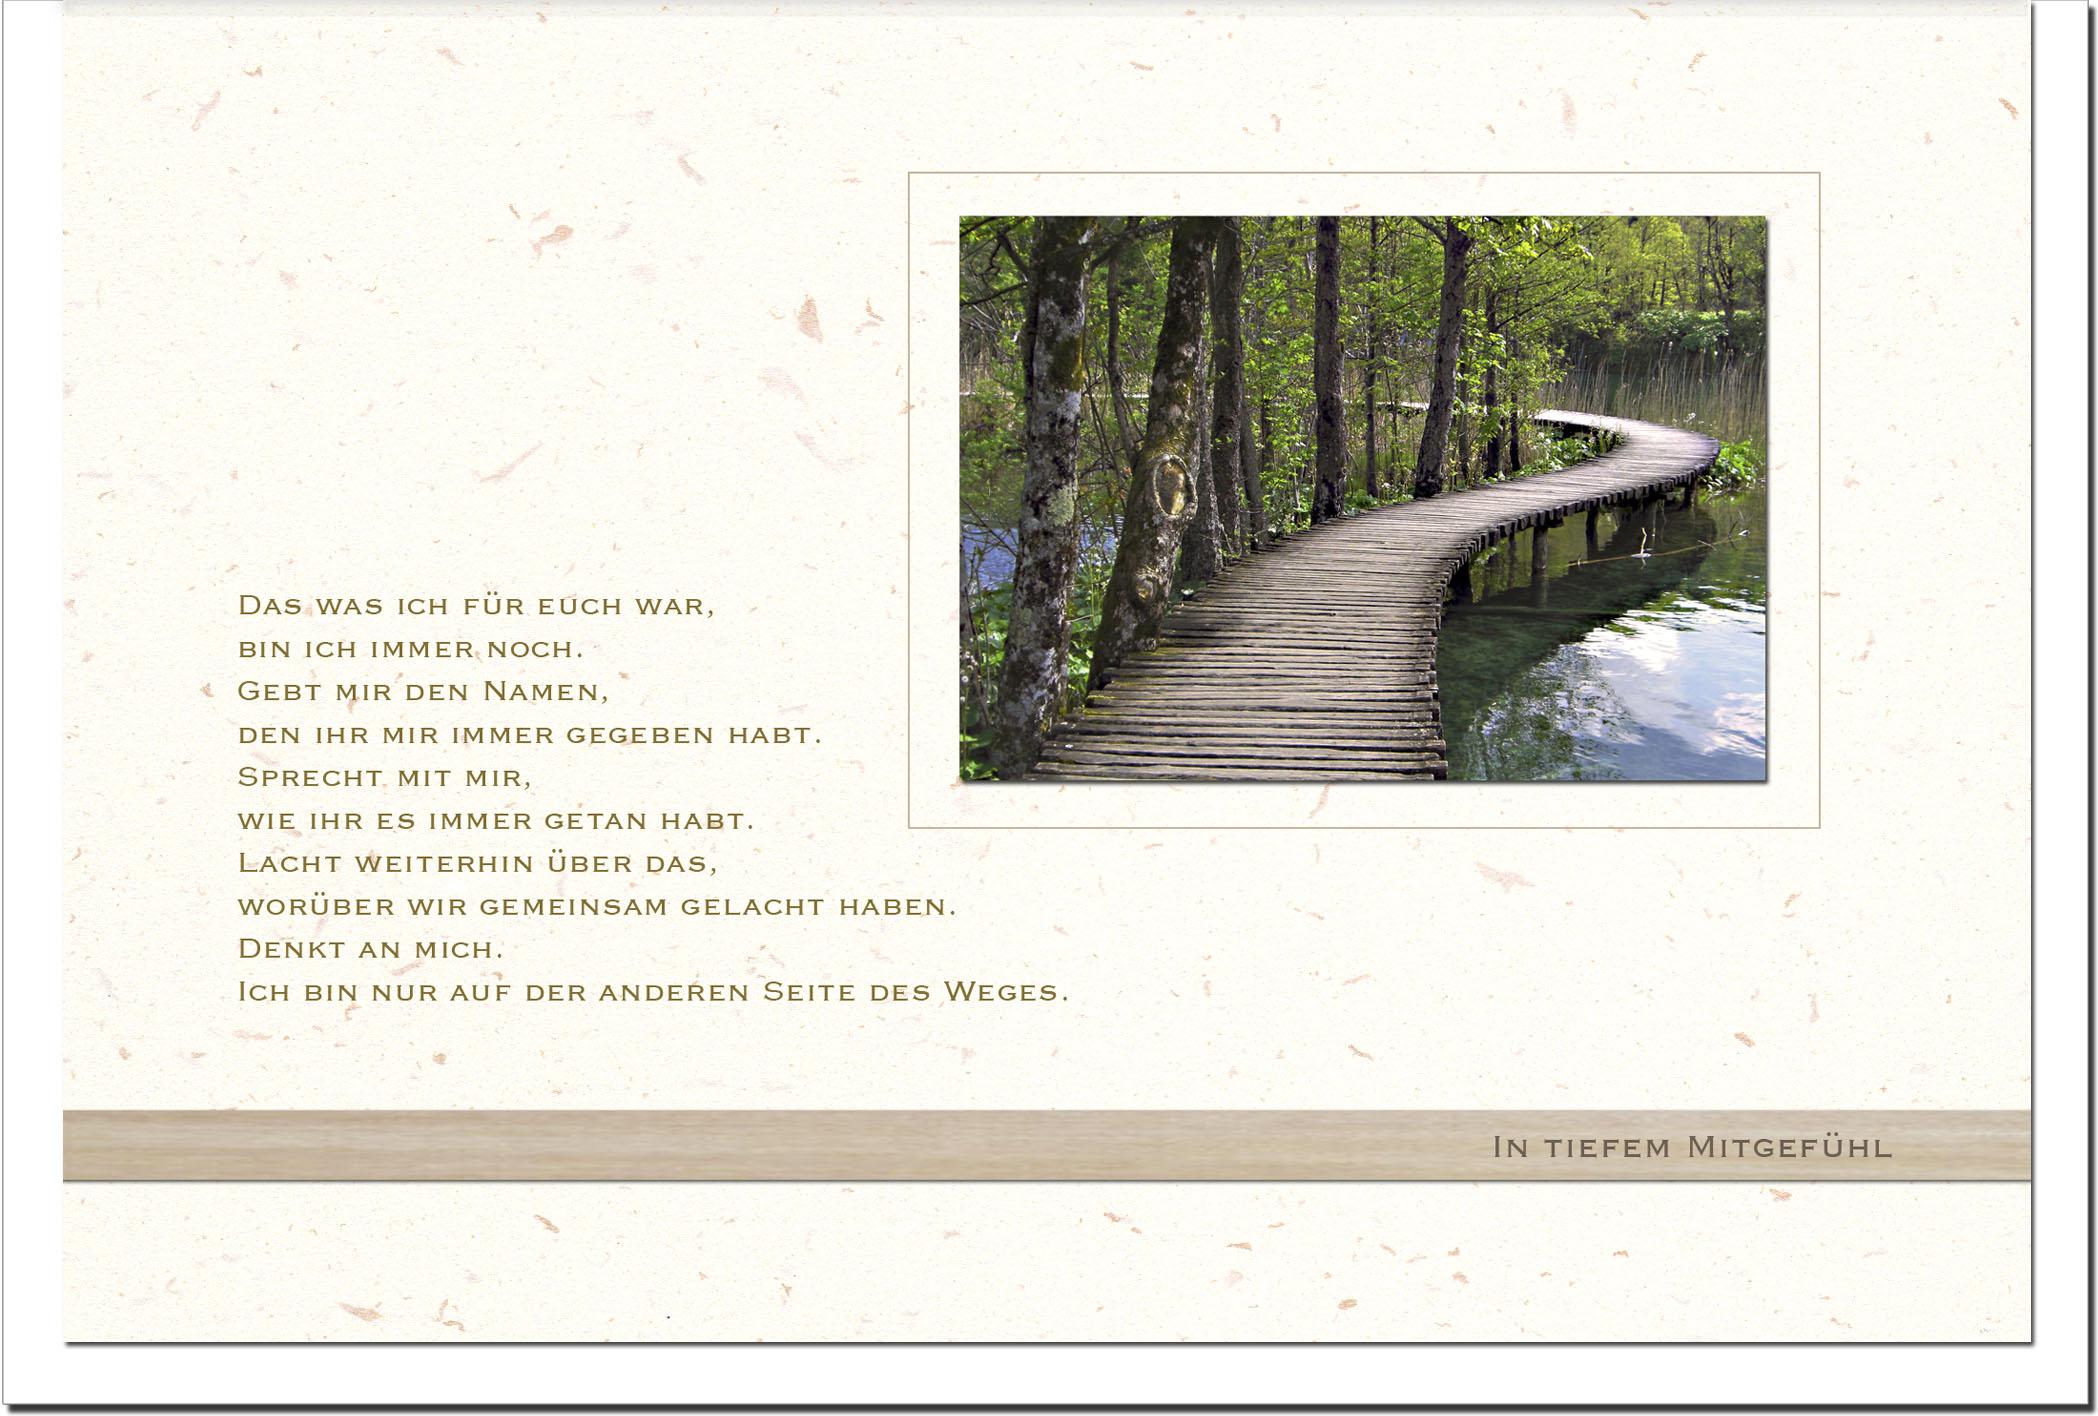 Trauerkarte ERINNERUNG | Brücke | metALUm #00562